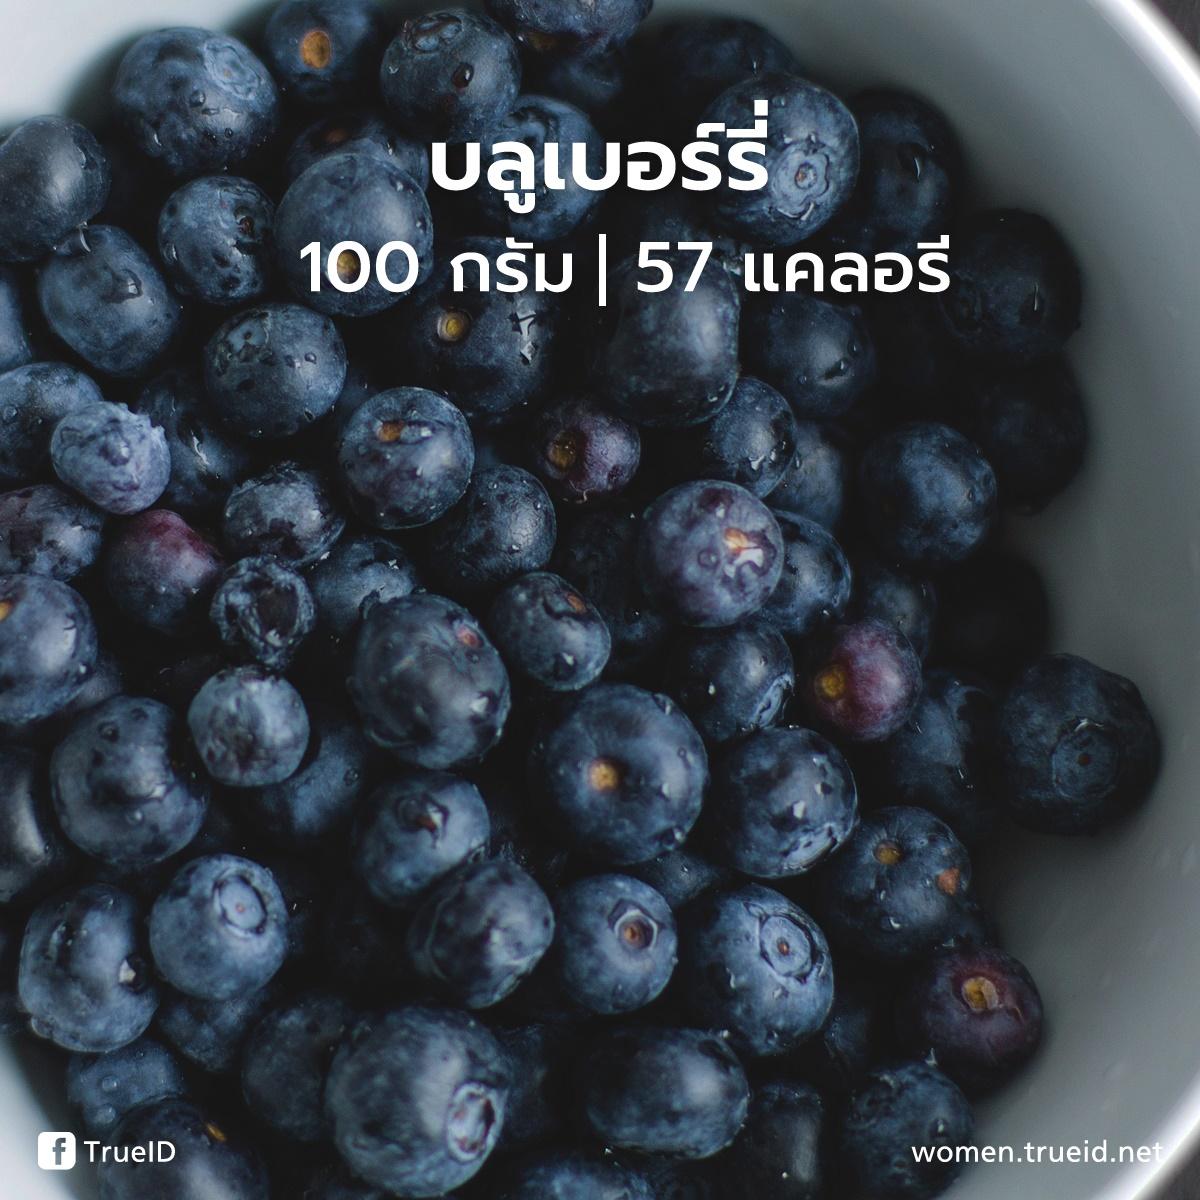 10 ผลไม้ ลดพุง กินสบายไม่เกิน 100 แคลอรี กินมื้อเย็นก็อิ่มท้อง!